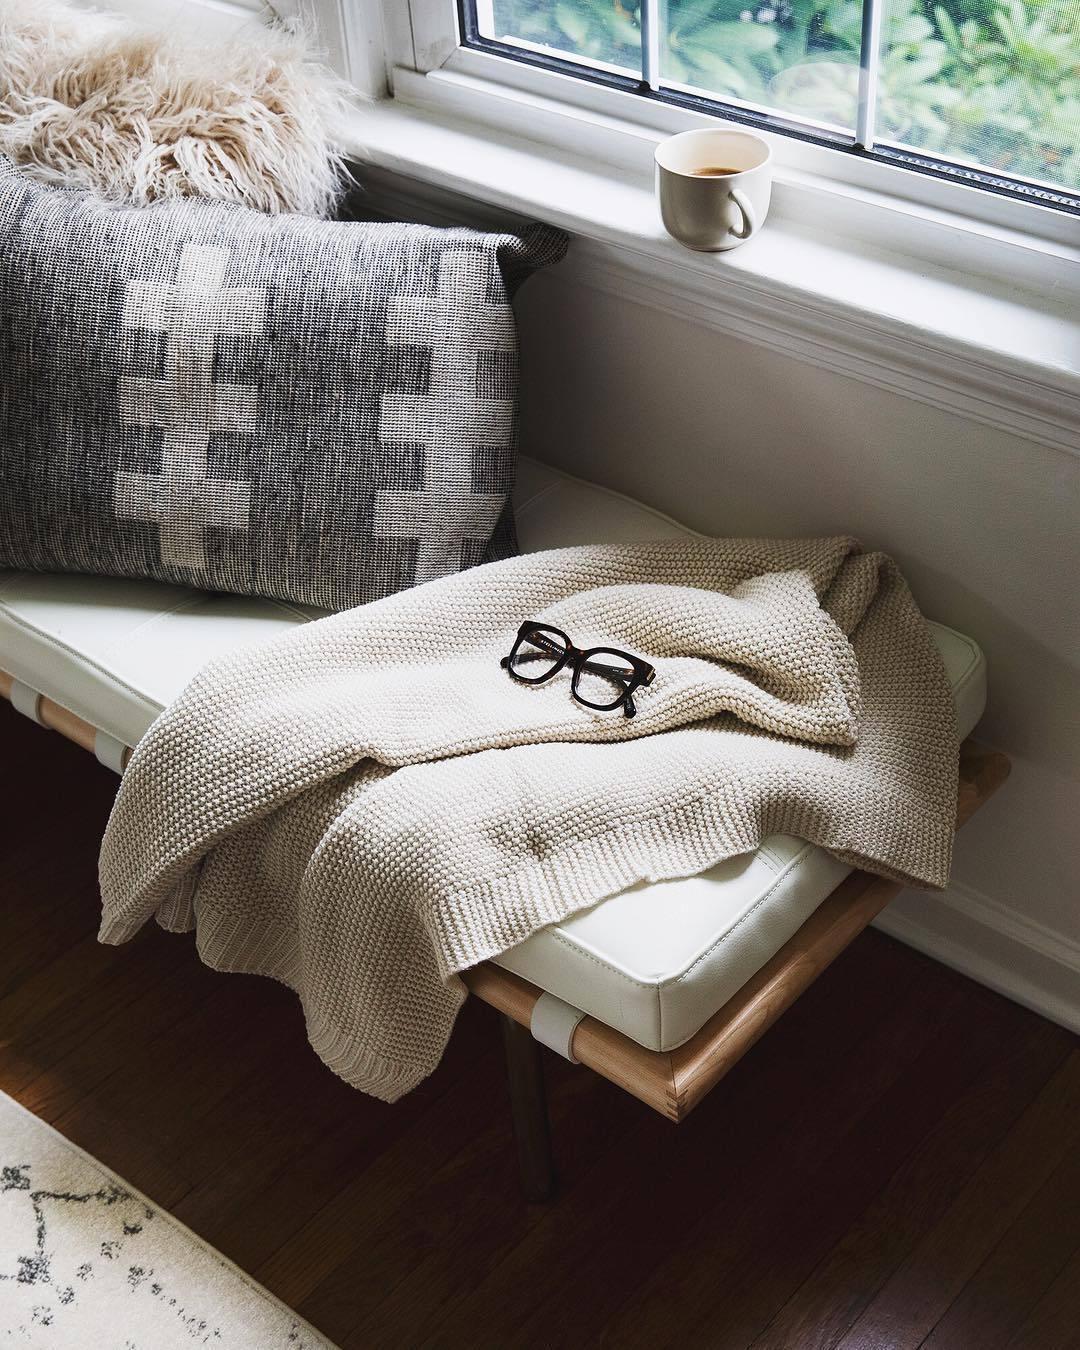 Синдром выгорания: что делать, если усталость стала вашей нормой - Дом